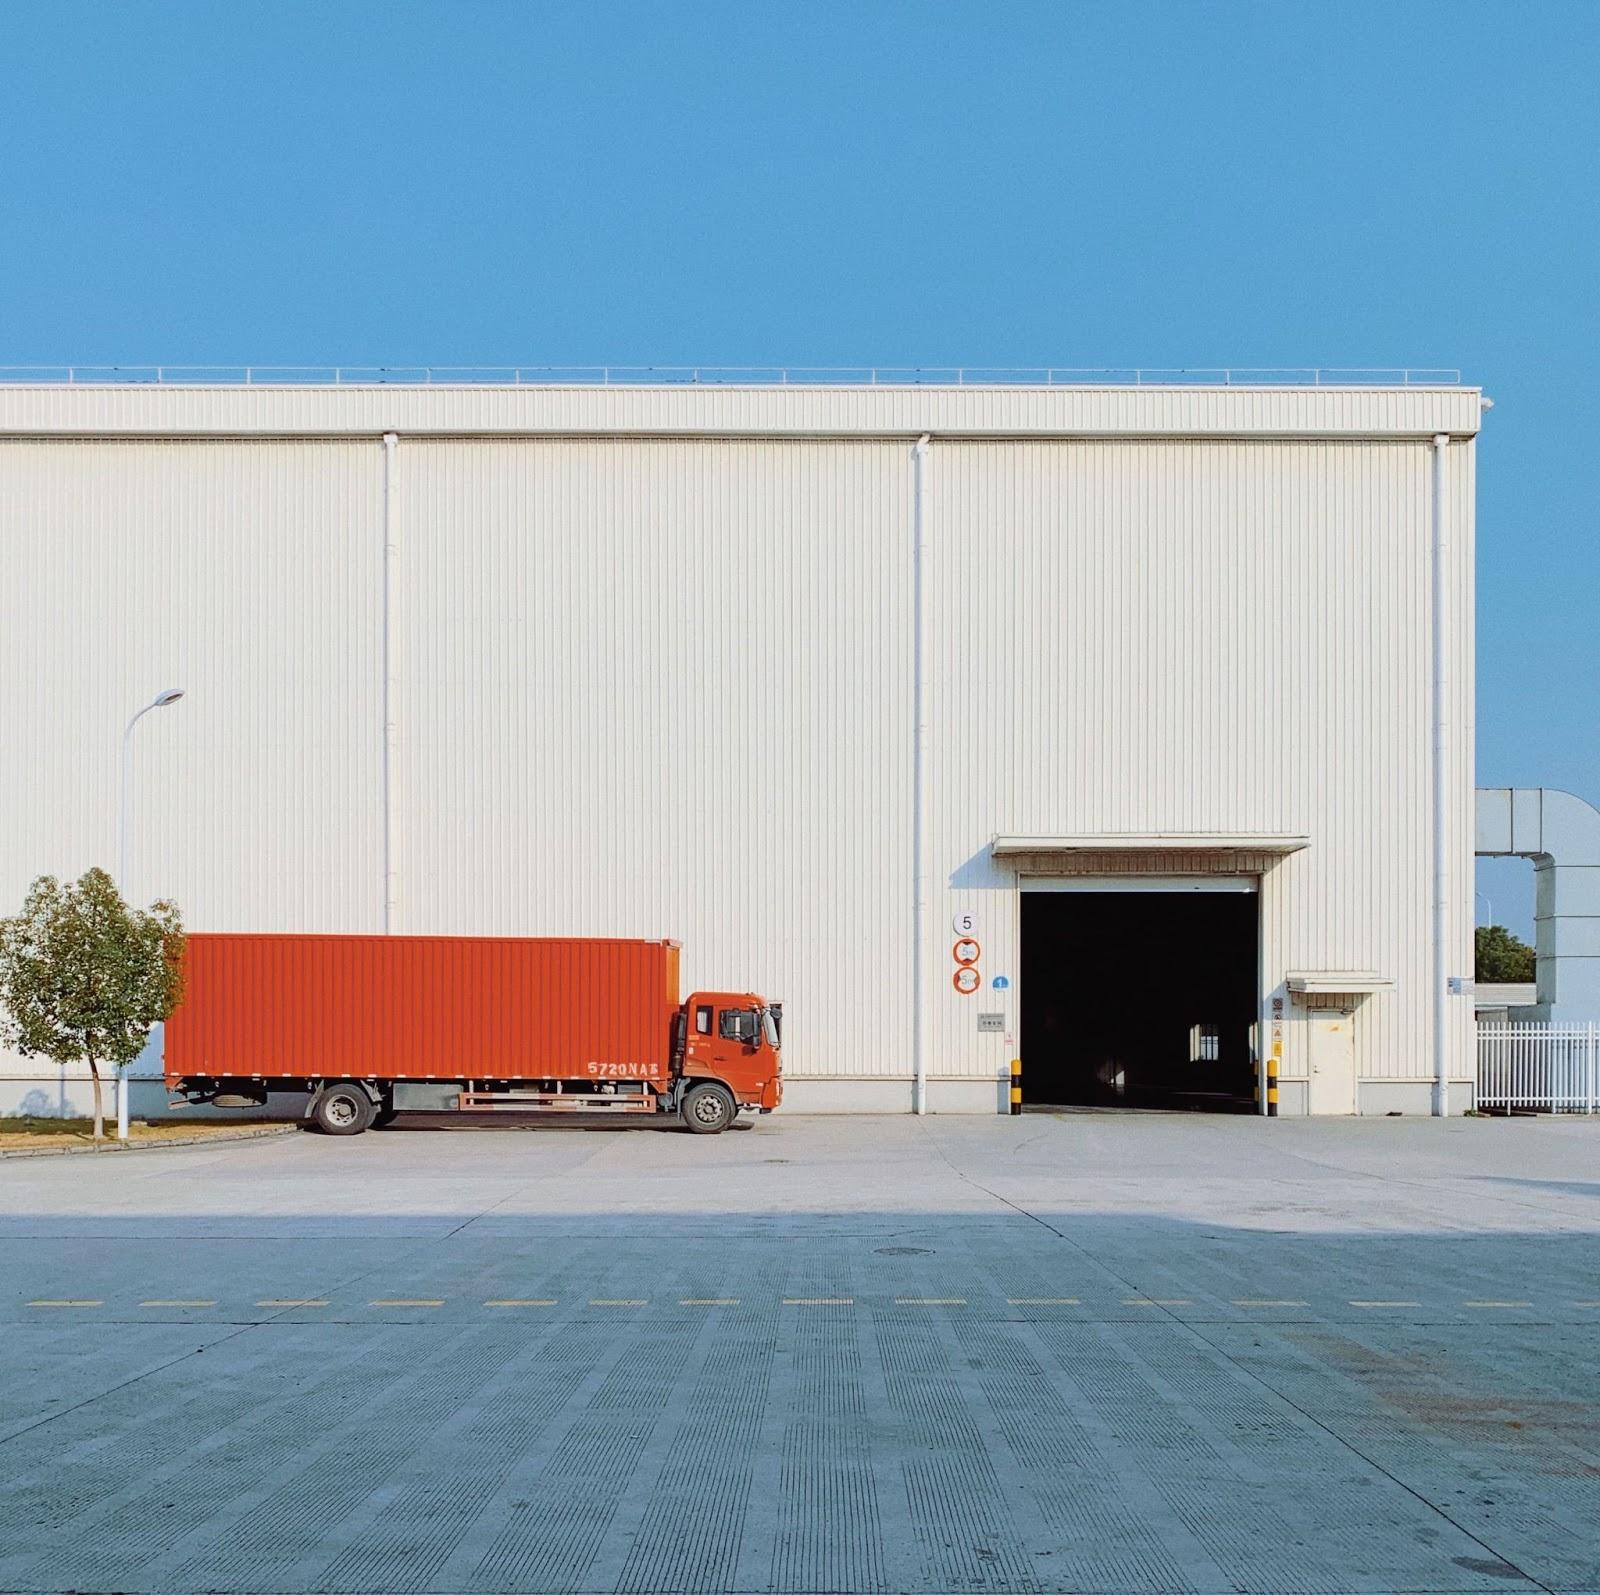 Camion rouge devant un entrepôt et un grand ciel bleu